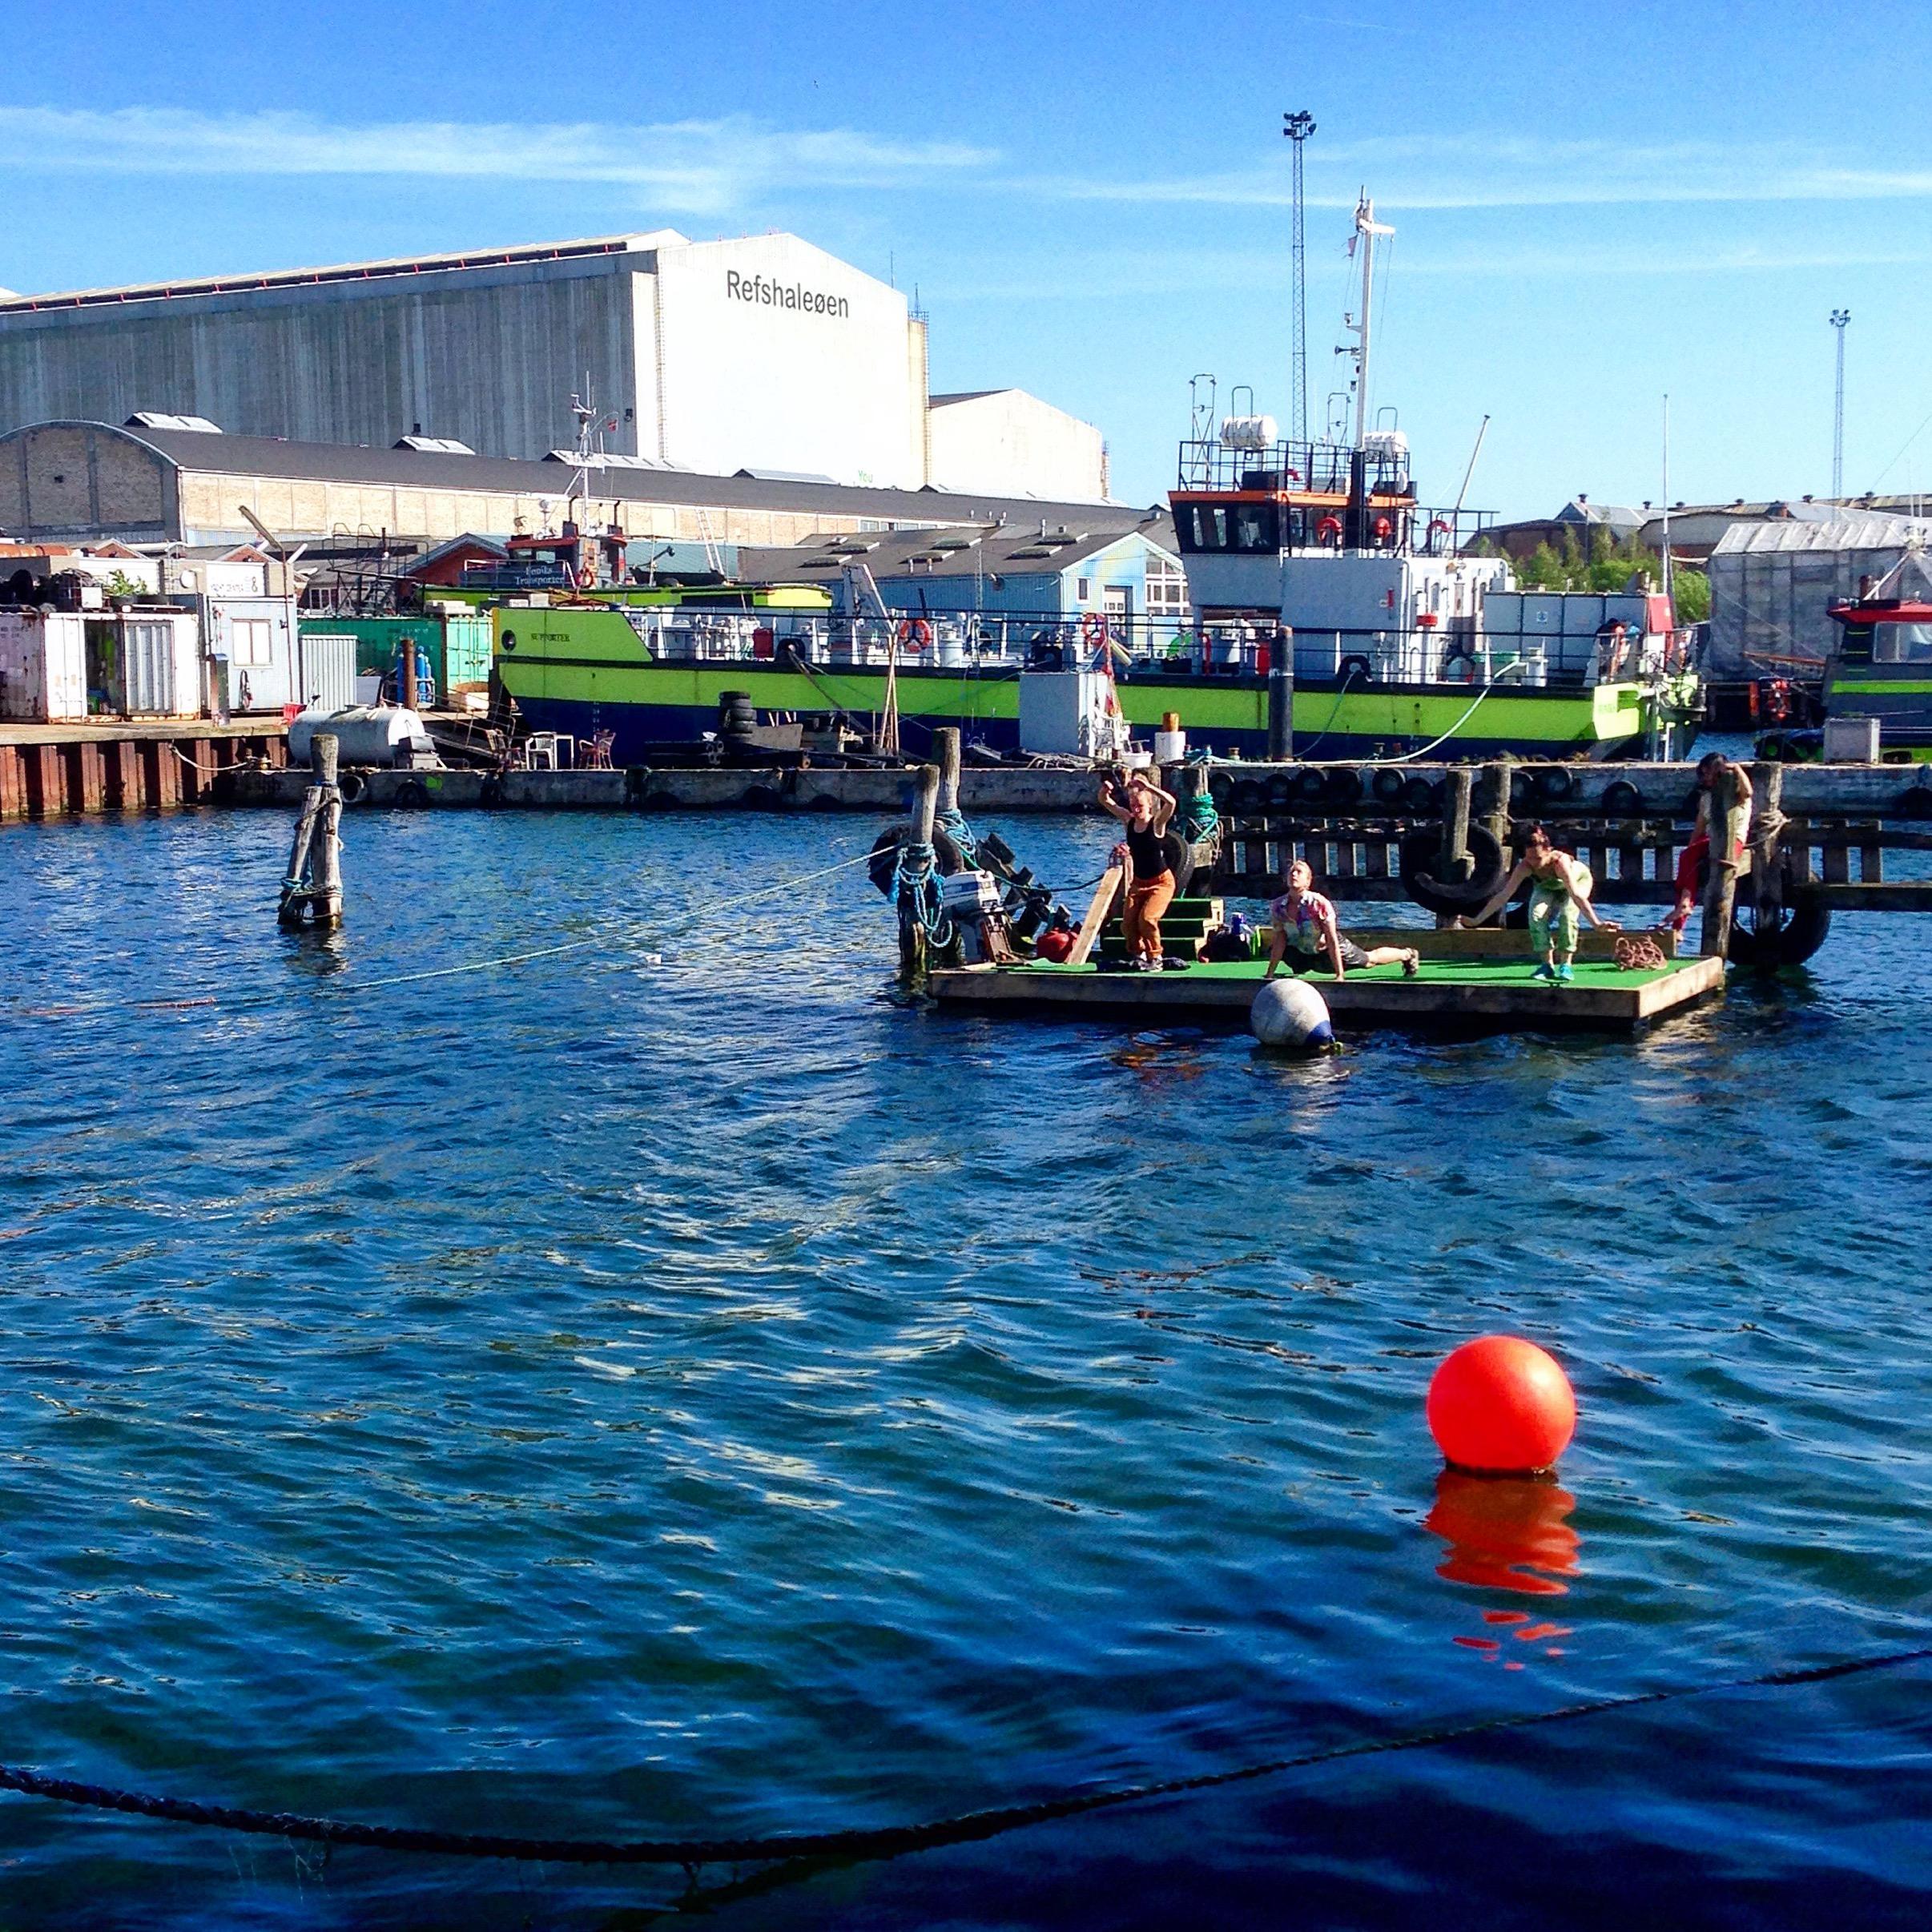 tømmerflåde københavn